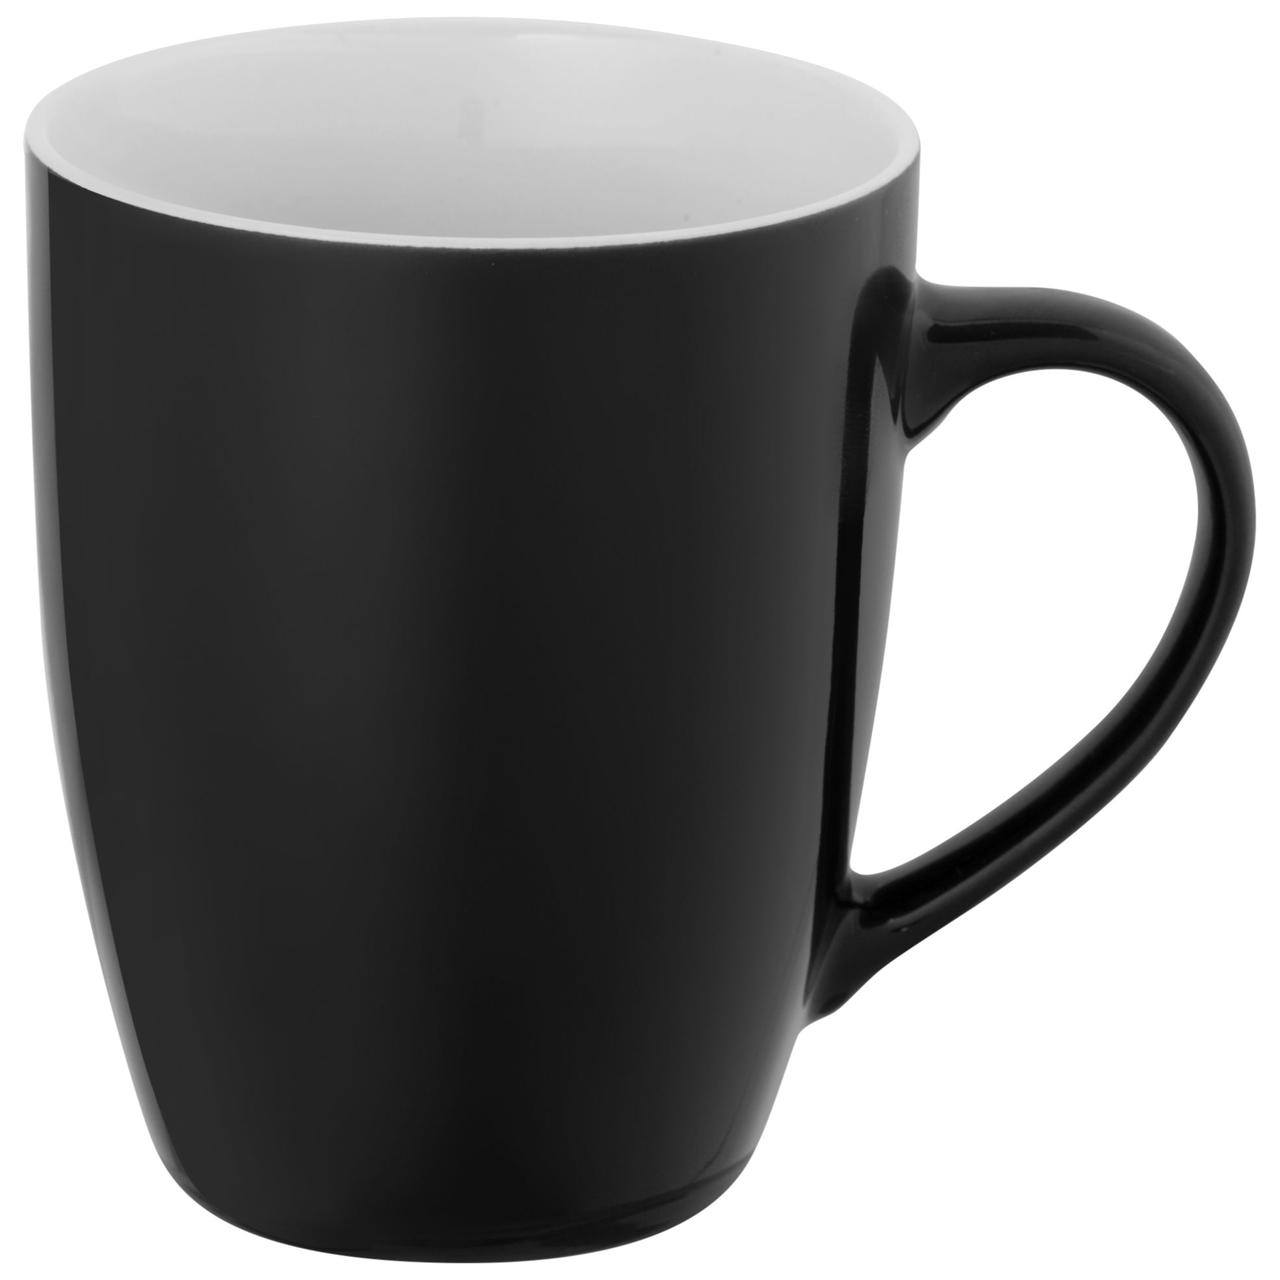 Кружка Good Morning, черная (артикул 6478.30)